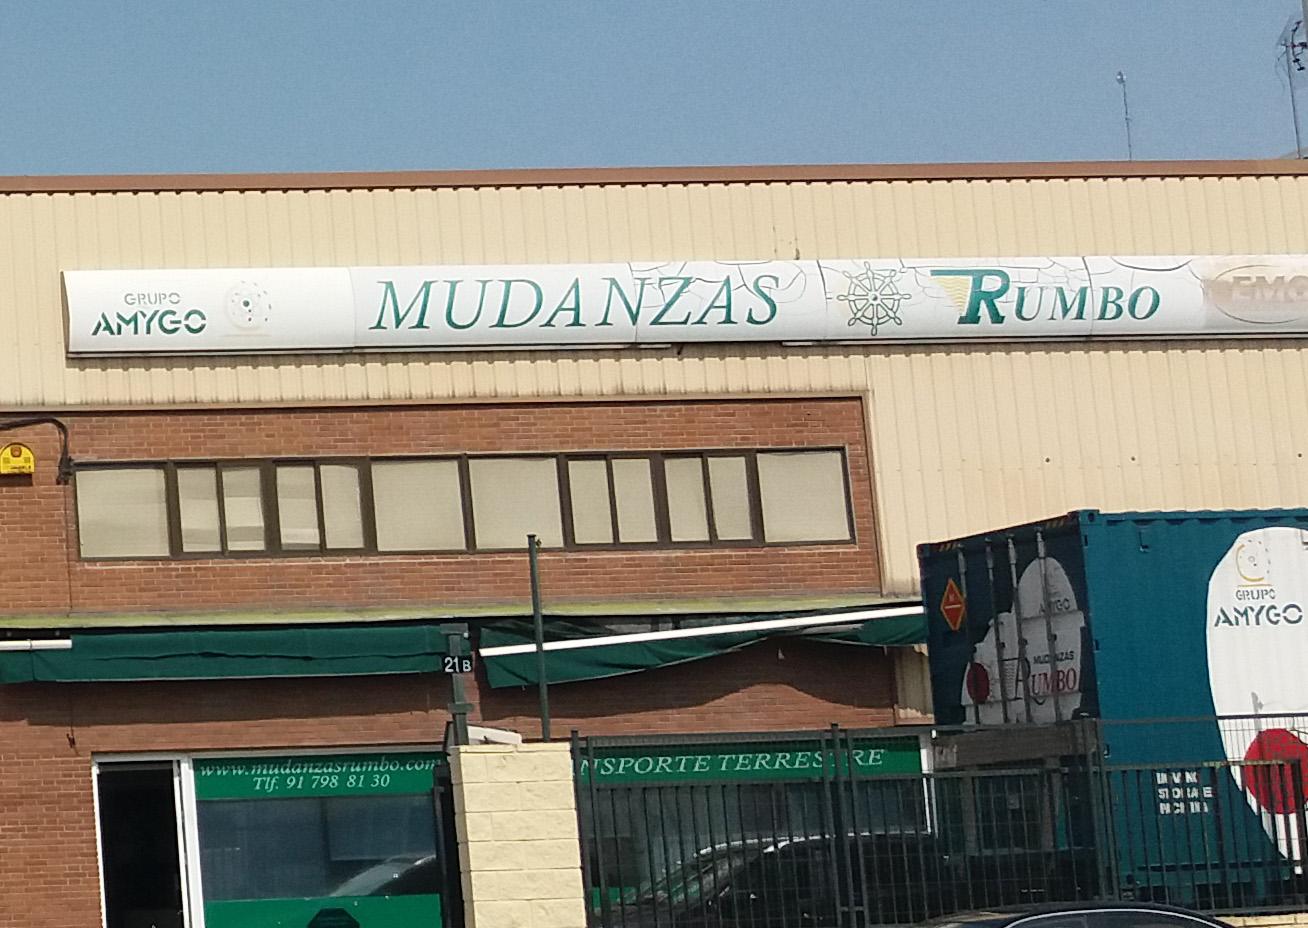 Mudanzas rumbo legan s rey pastor pol ind ntra sra de butarque 21 b mudanzas - Mudanzas en leganes ...